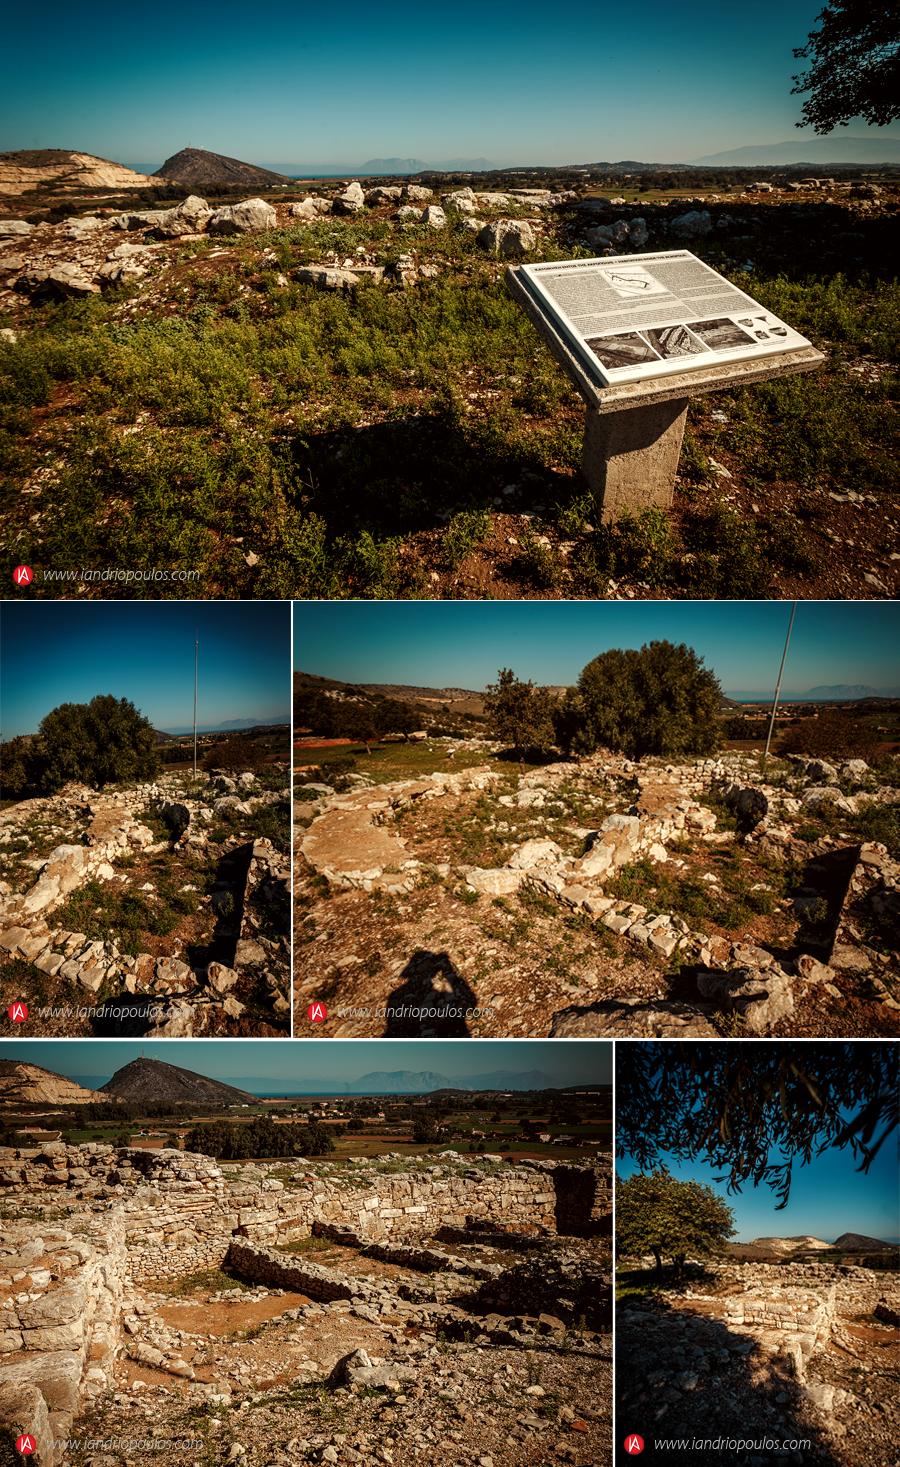 ANDRIOPOULOS IOANNIS_IMG_69840 VINTAGE 9.jpg